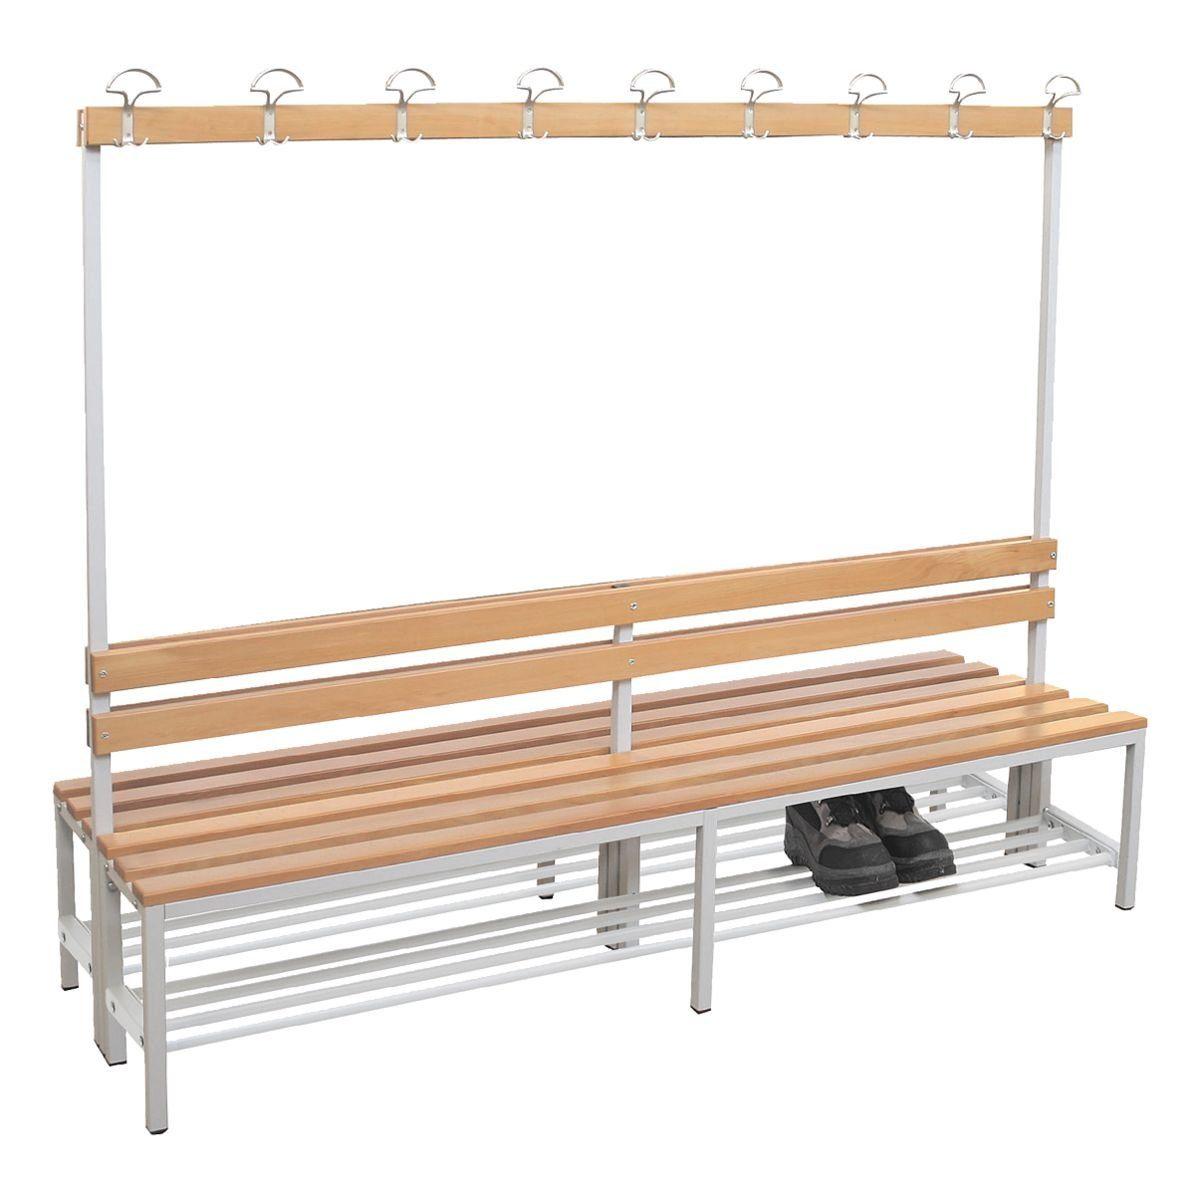 KEINE MARKE Doppel-Sitzbank mit Garderobe und Schuhrost